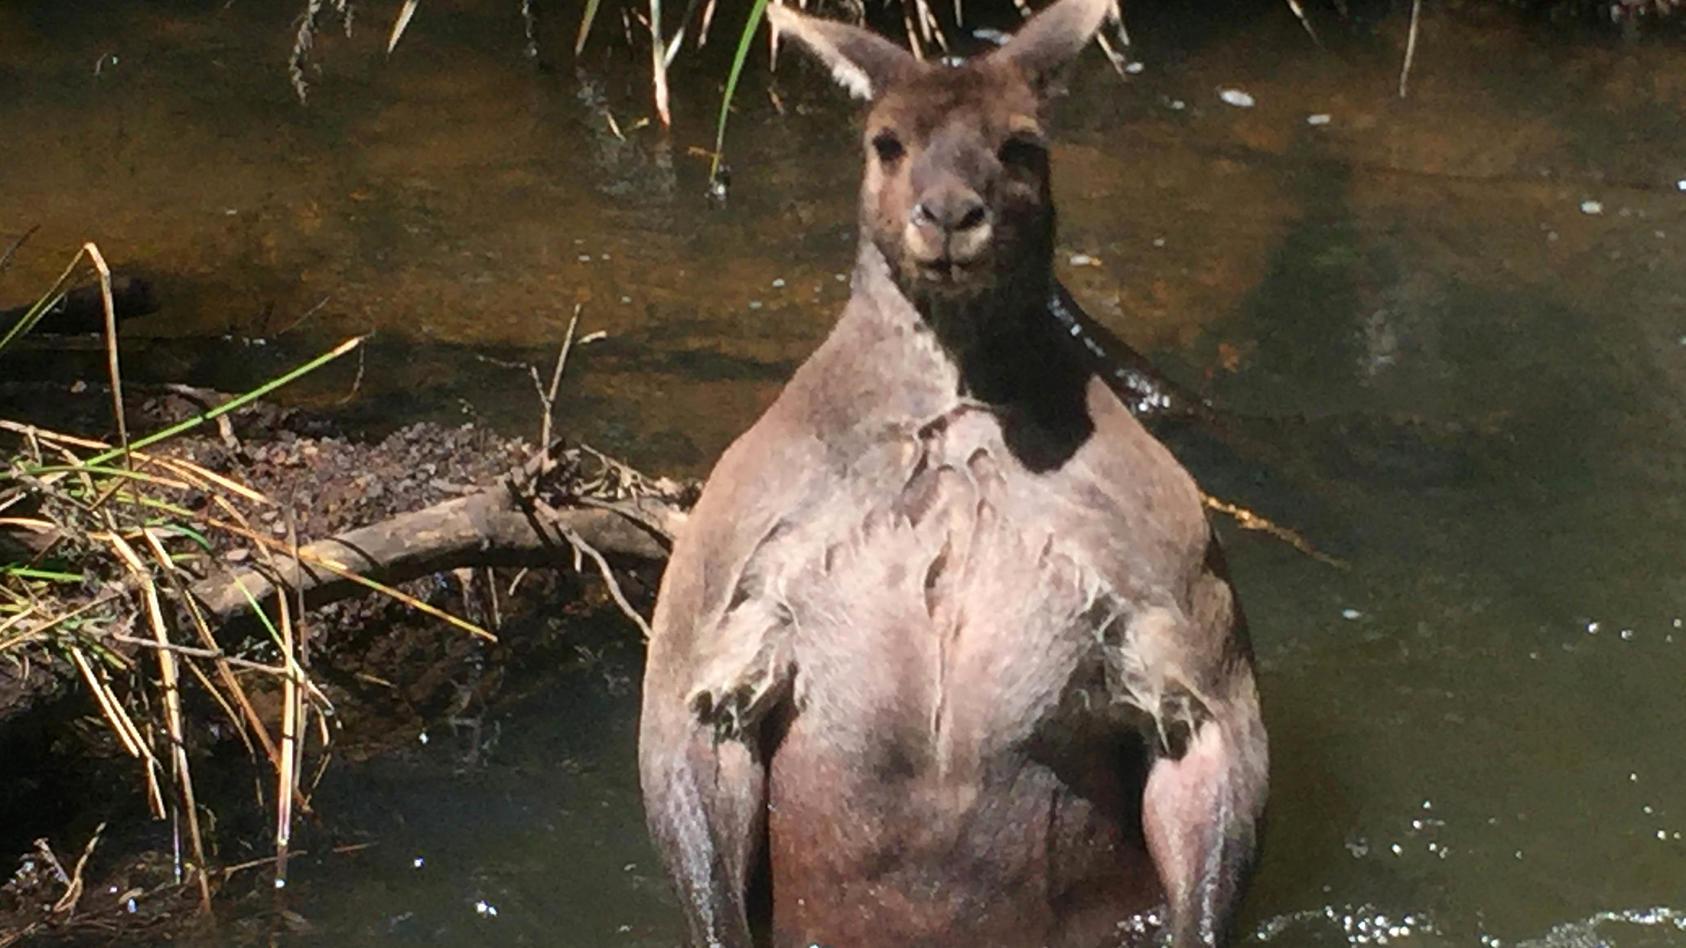 Auch nicht von schlechten Eltern: dieses muskulöse Känguru ist Mucki-Känguru Rogers Nachfolger Credit: Caters News Agency